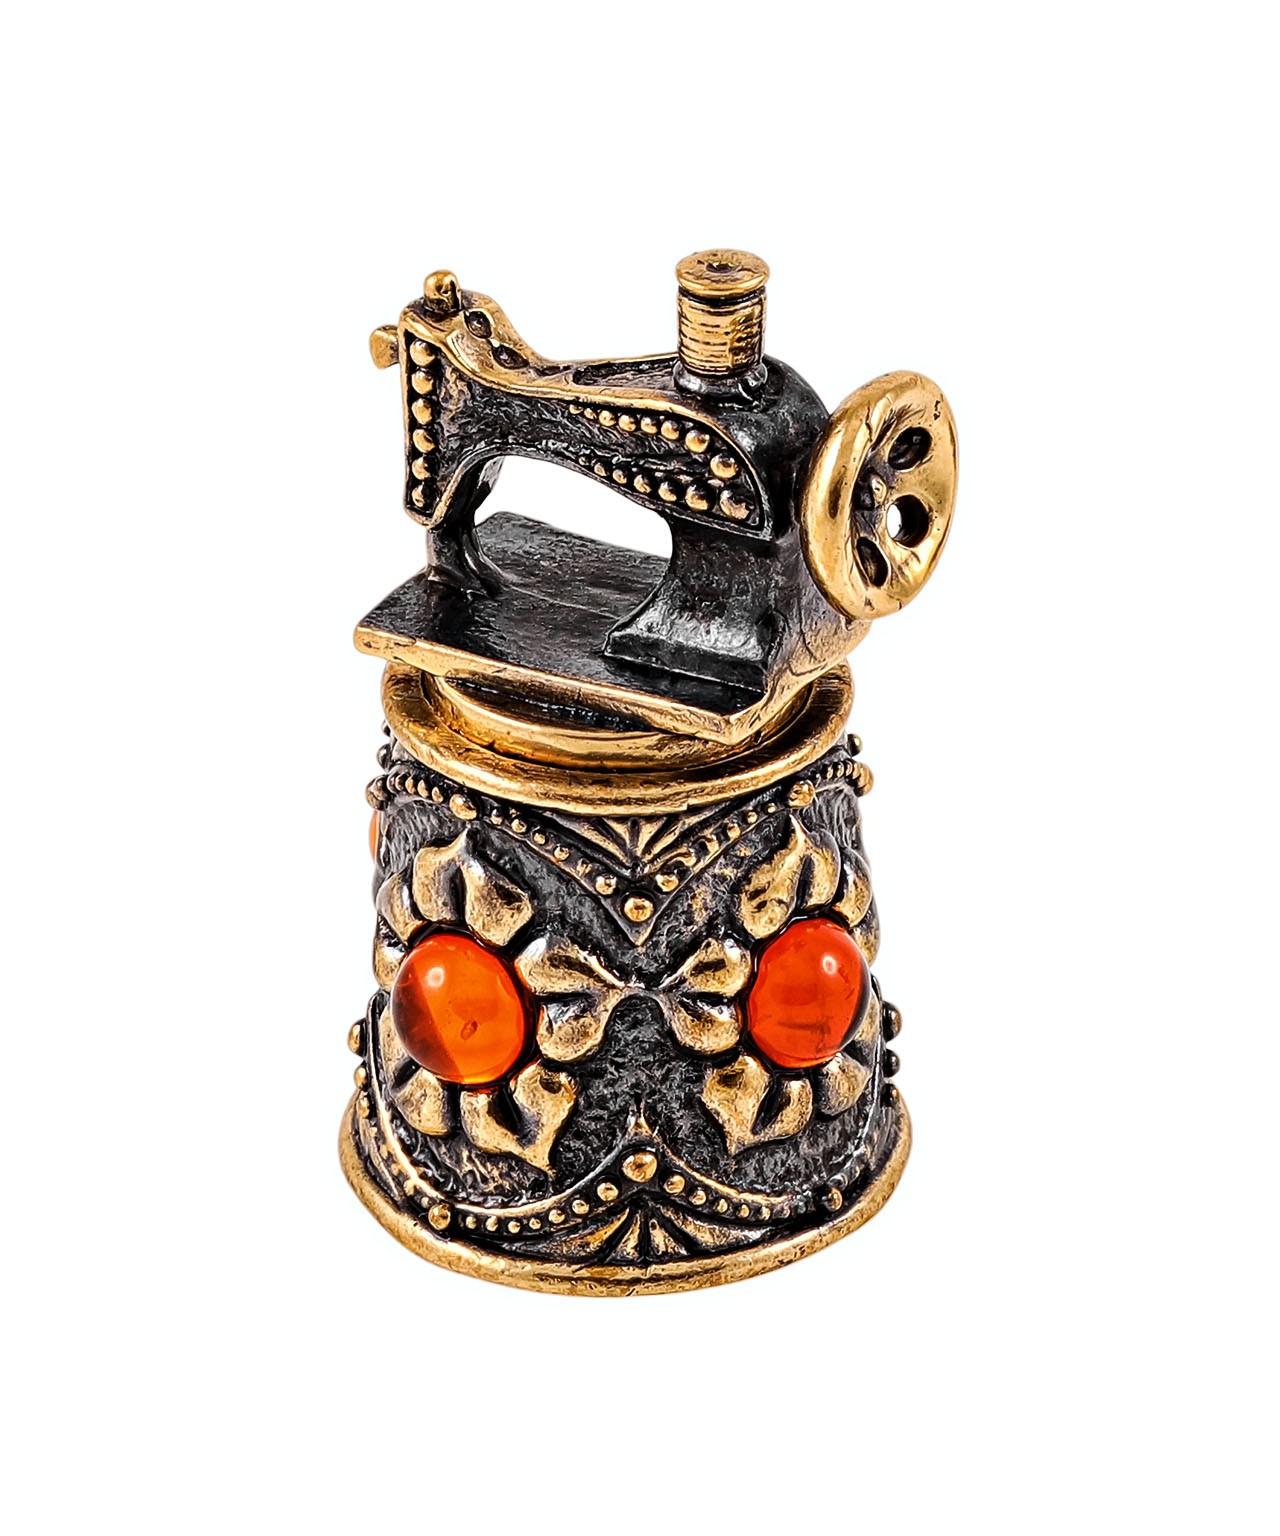 Наперсток Ажурный с швейной машиной 1904.1